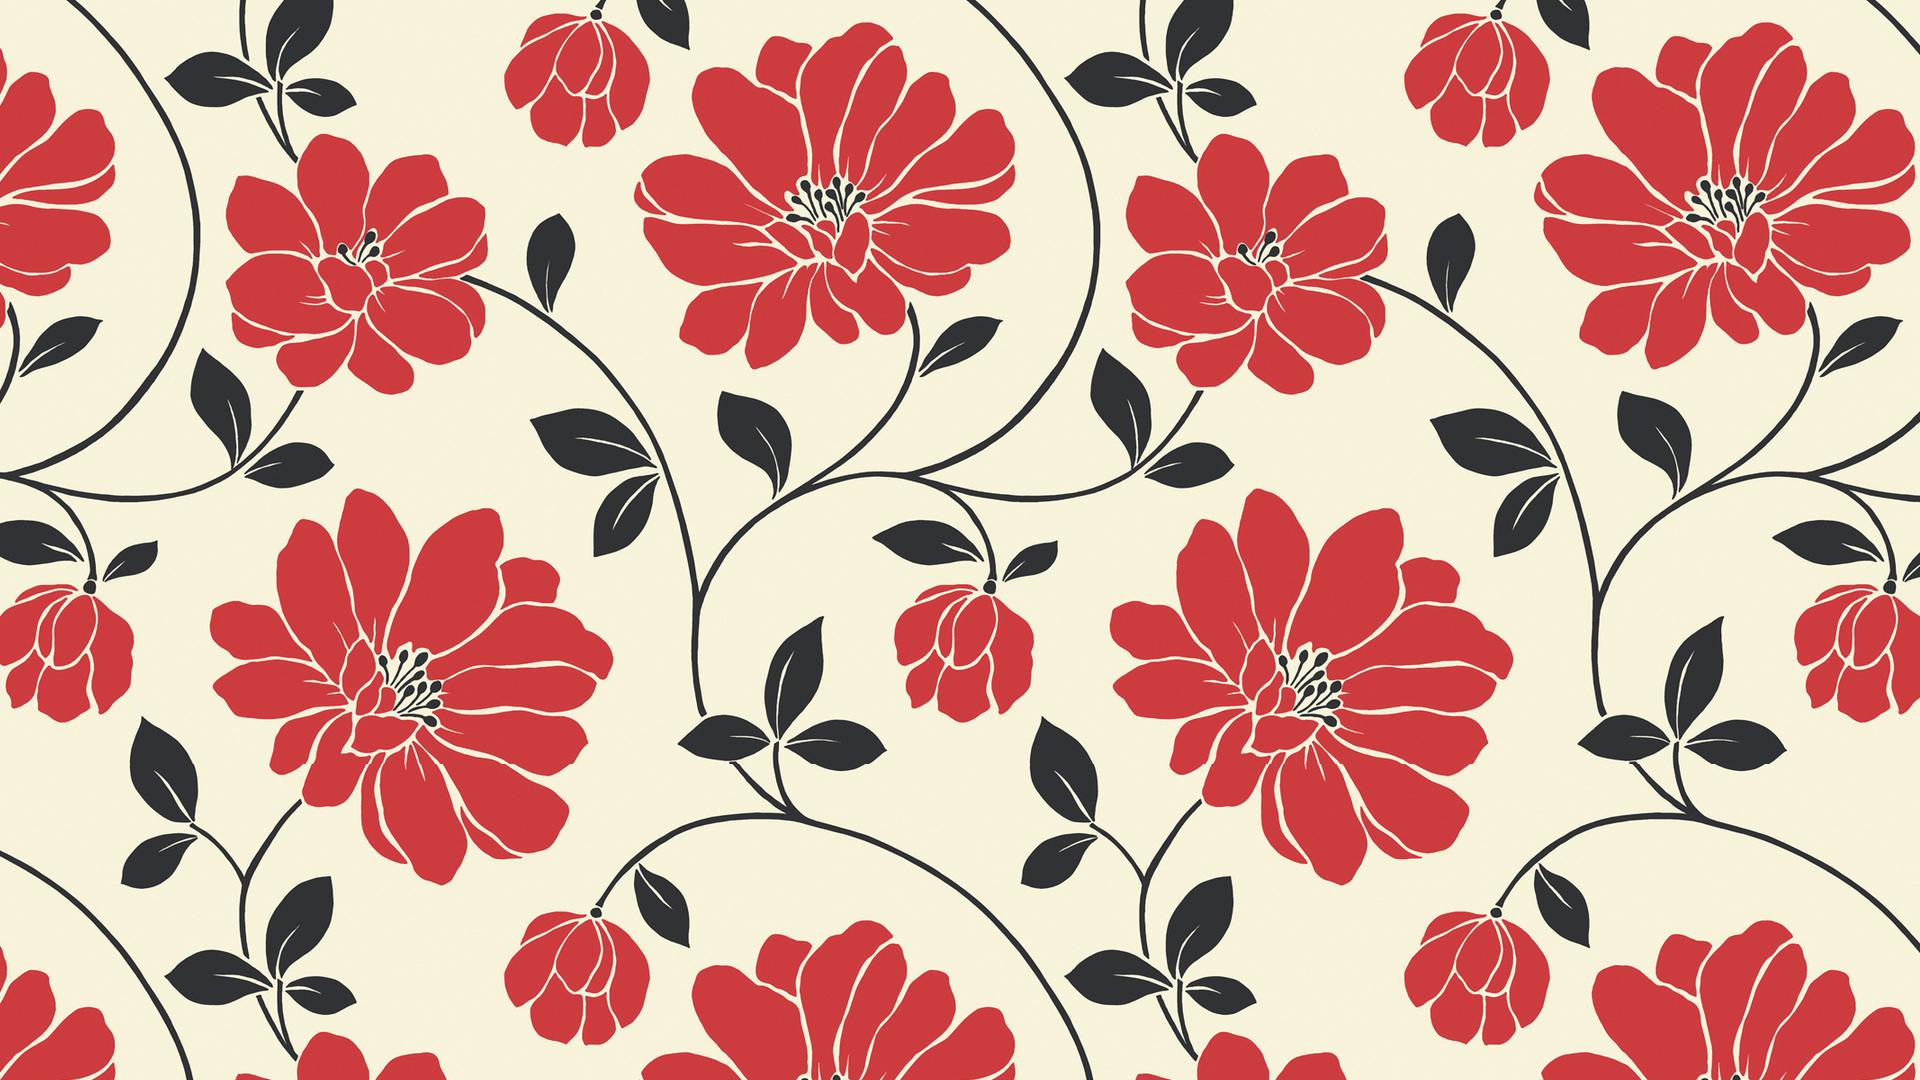 75 Desktop Background Patterns On Wallpapersafari